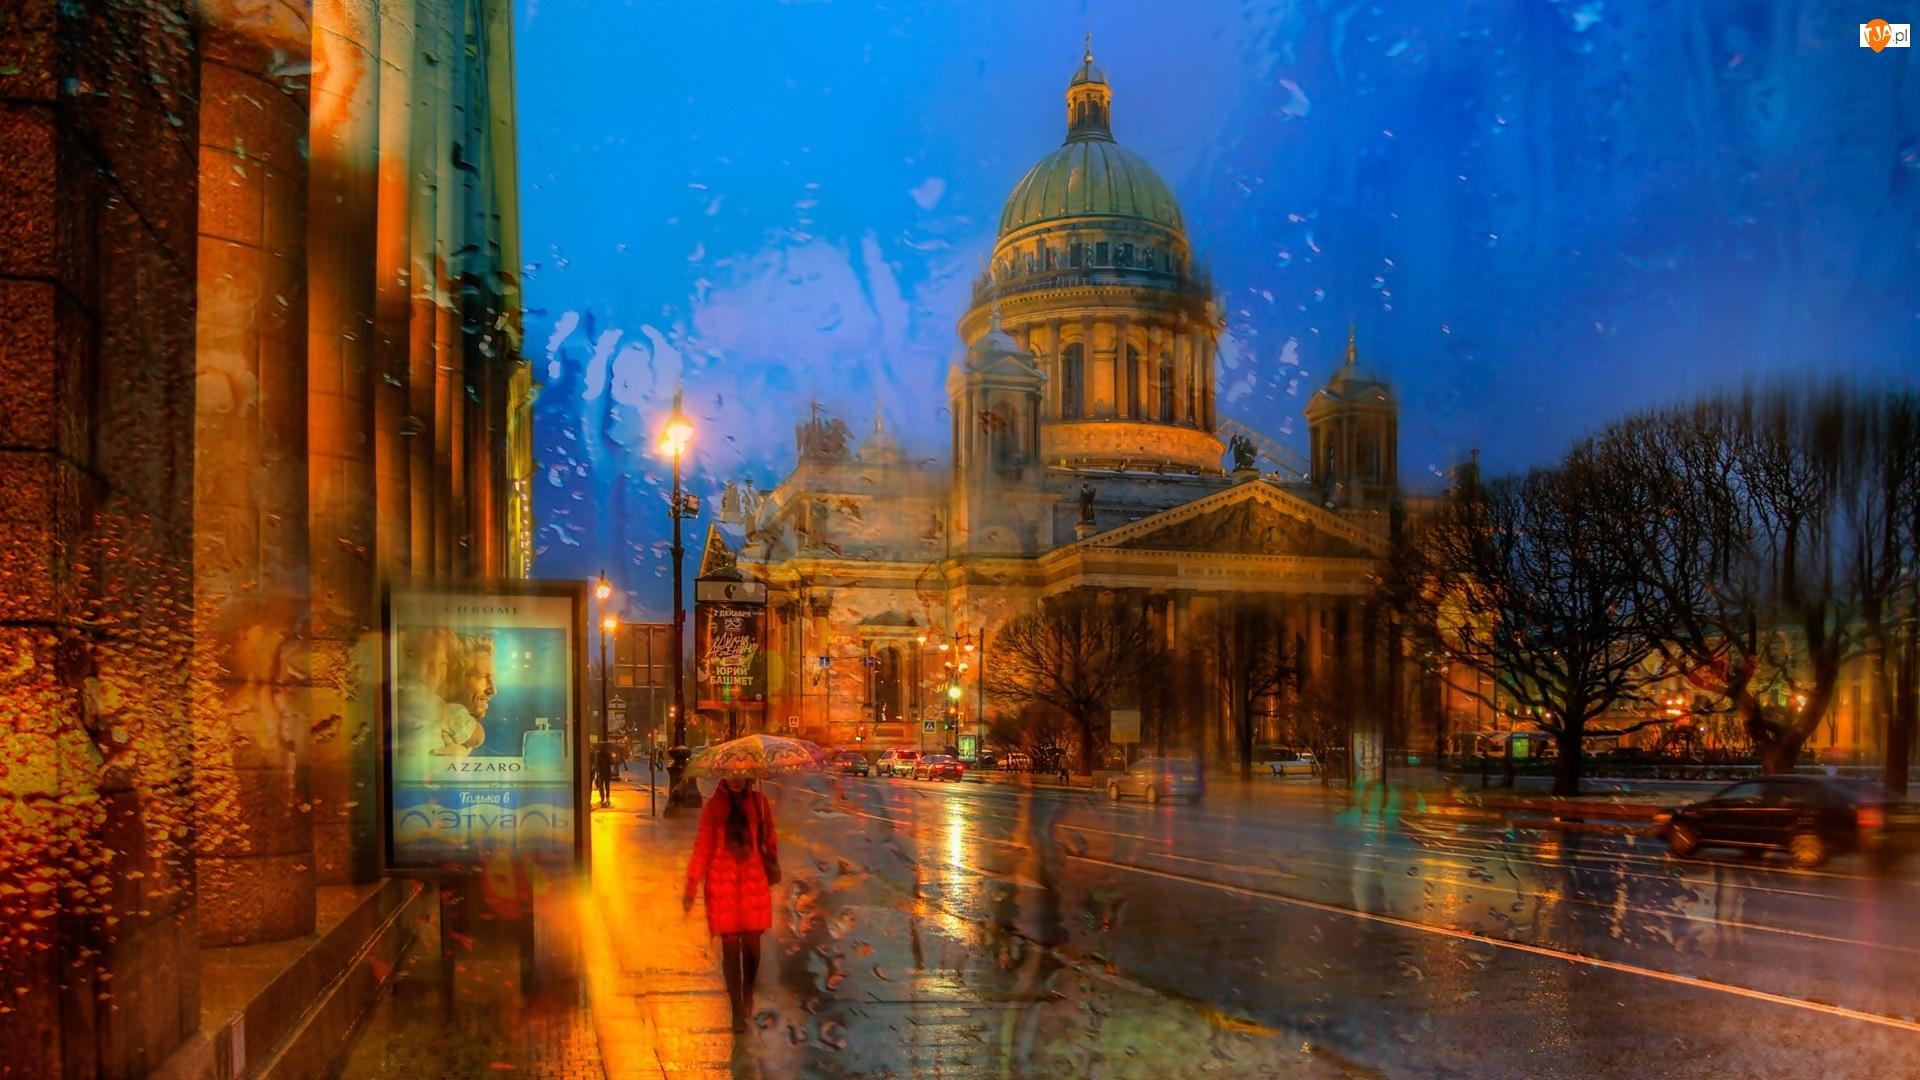 Kobieta, Ulica, Petersburg, Rosja, Parasol, Deszcz, Budynki